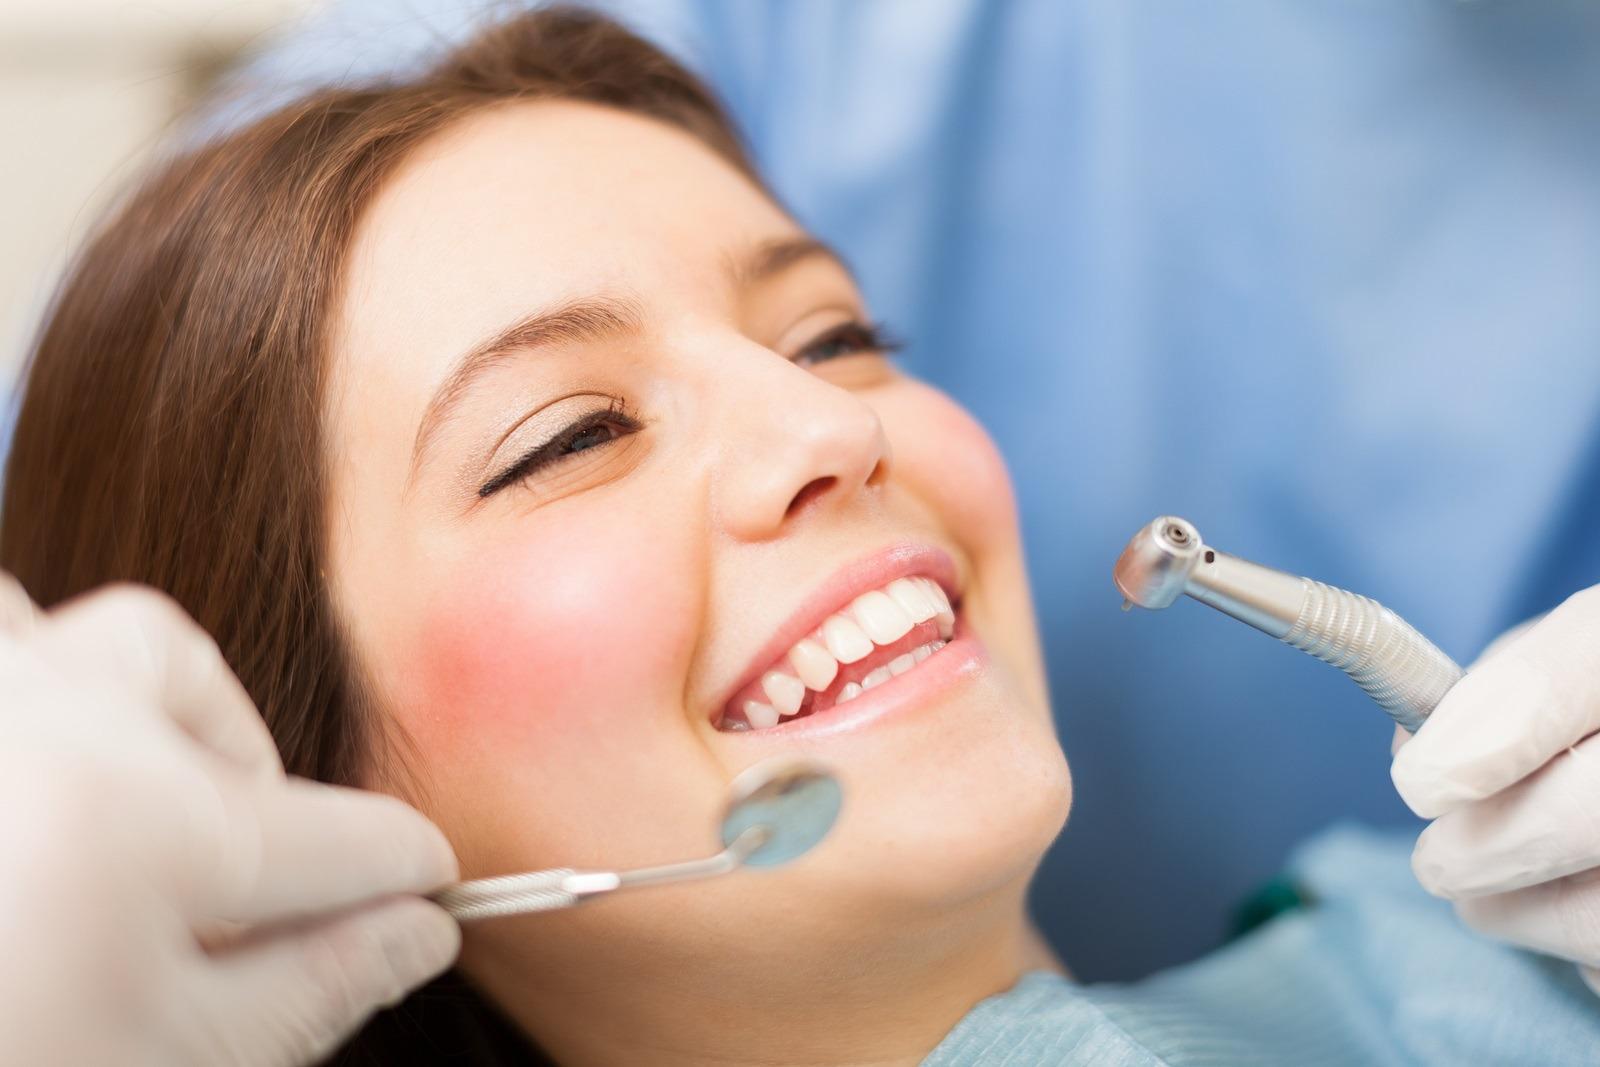 Dia da Saúde Dentária: cuidado com os dentes é fundamental